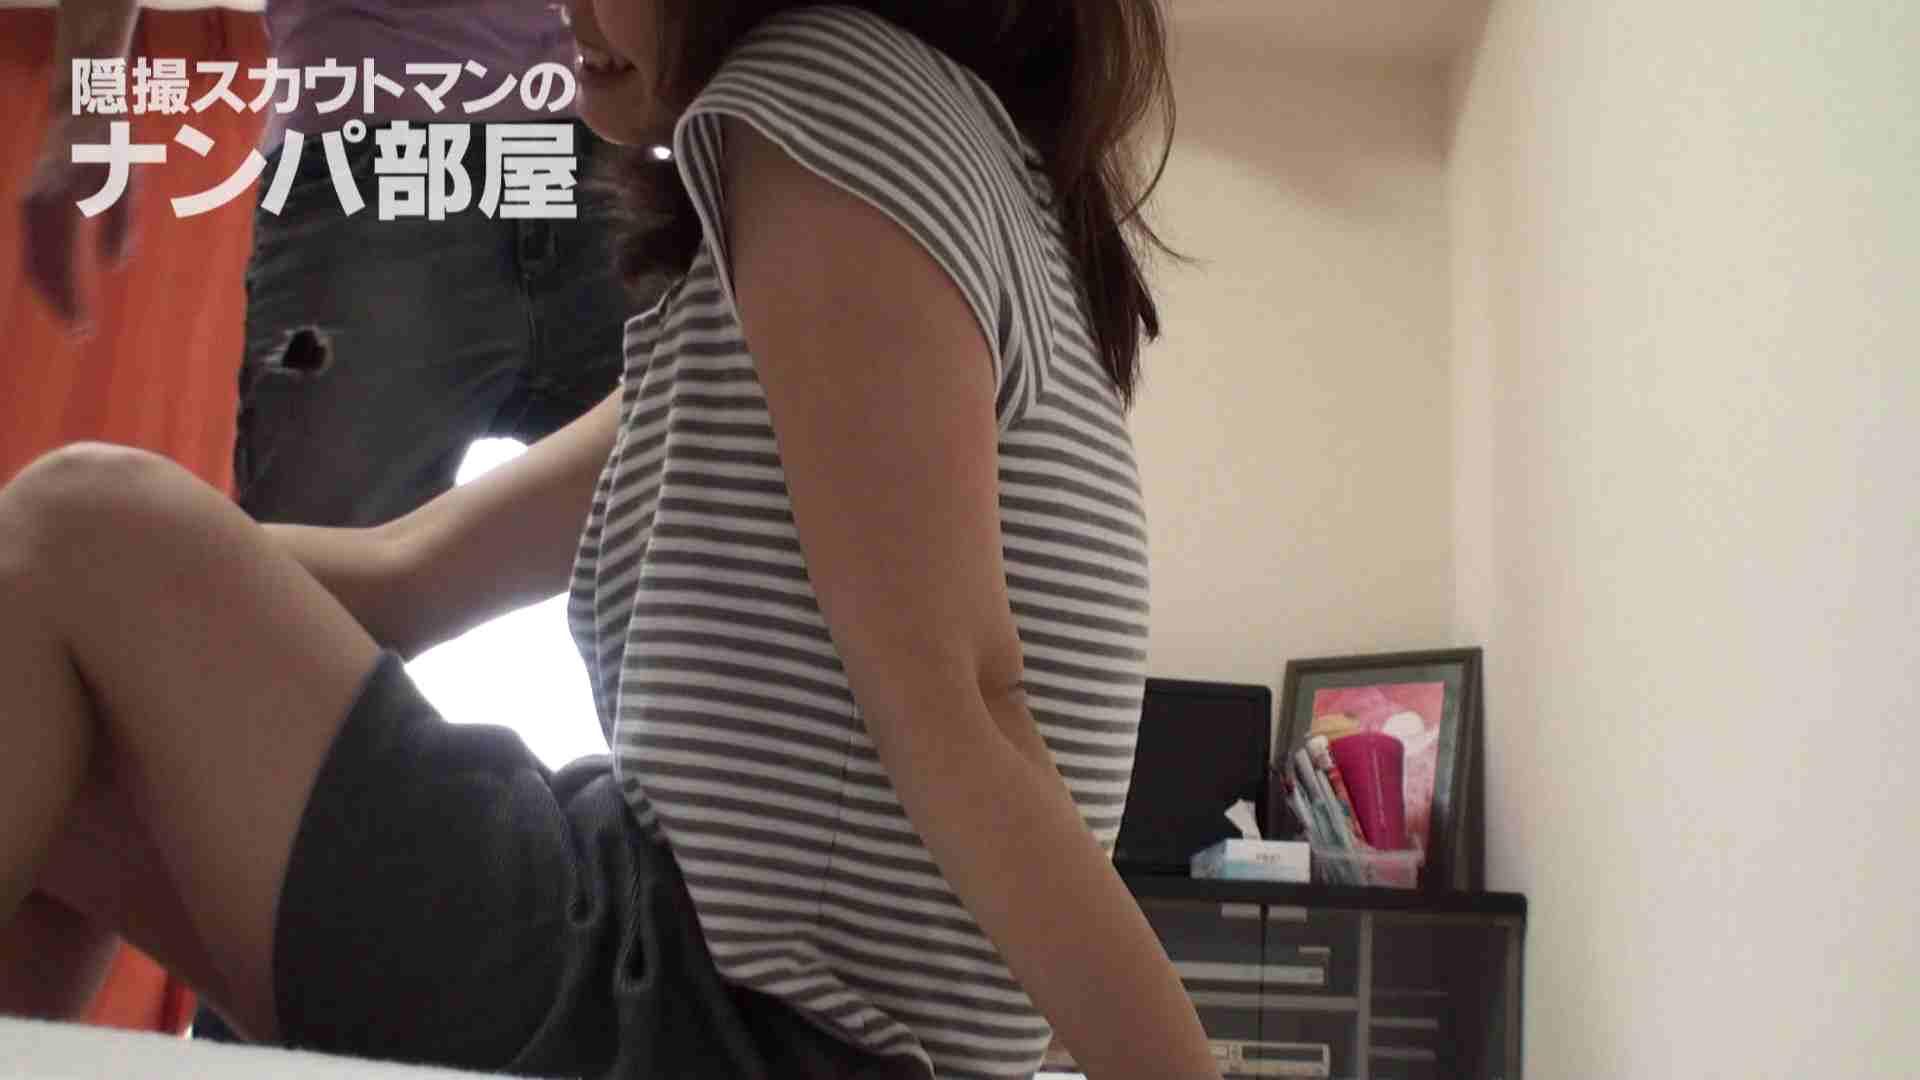 隠撮スカウトマンのナンパ部屋~風俗デビュー前のつまみ食い~ siivol.3 隠撮  105連発 12